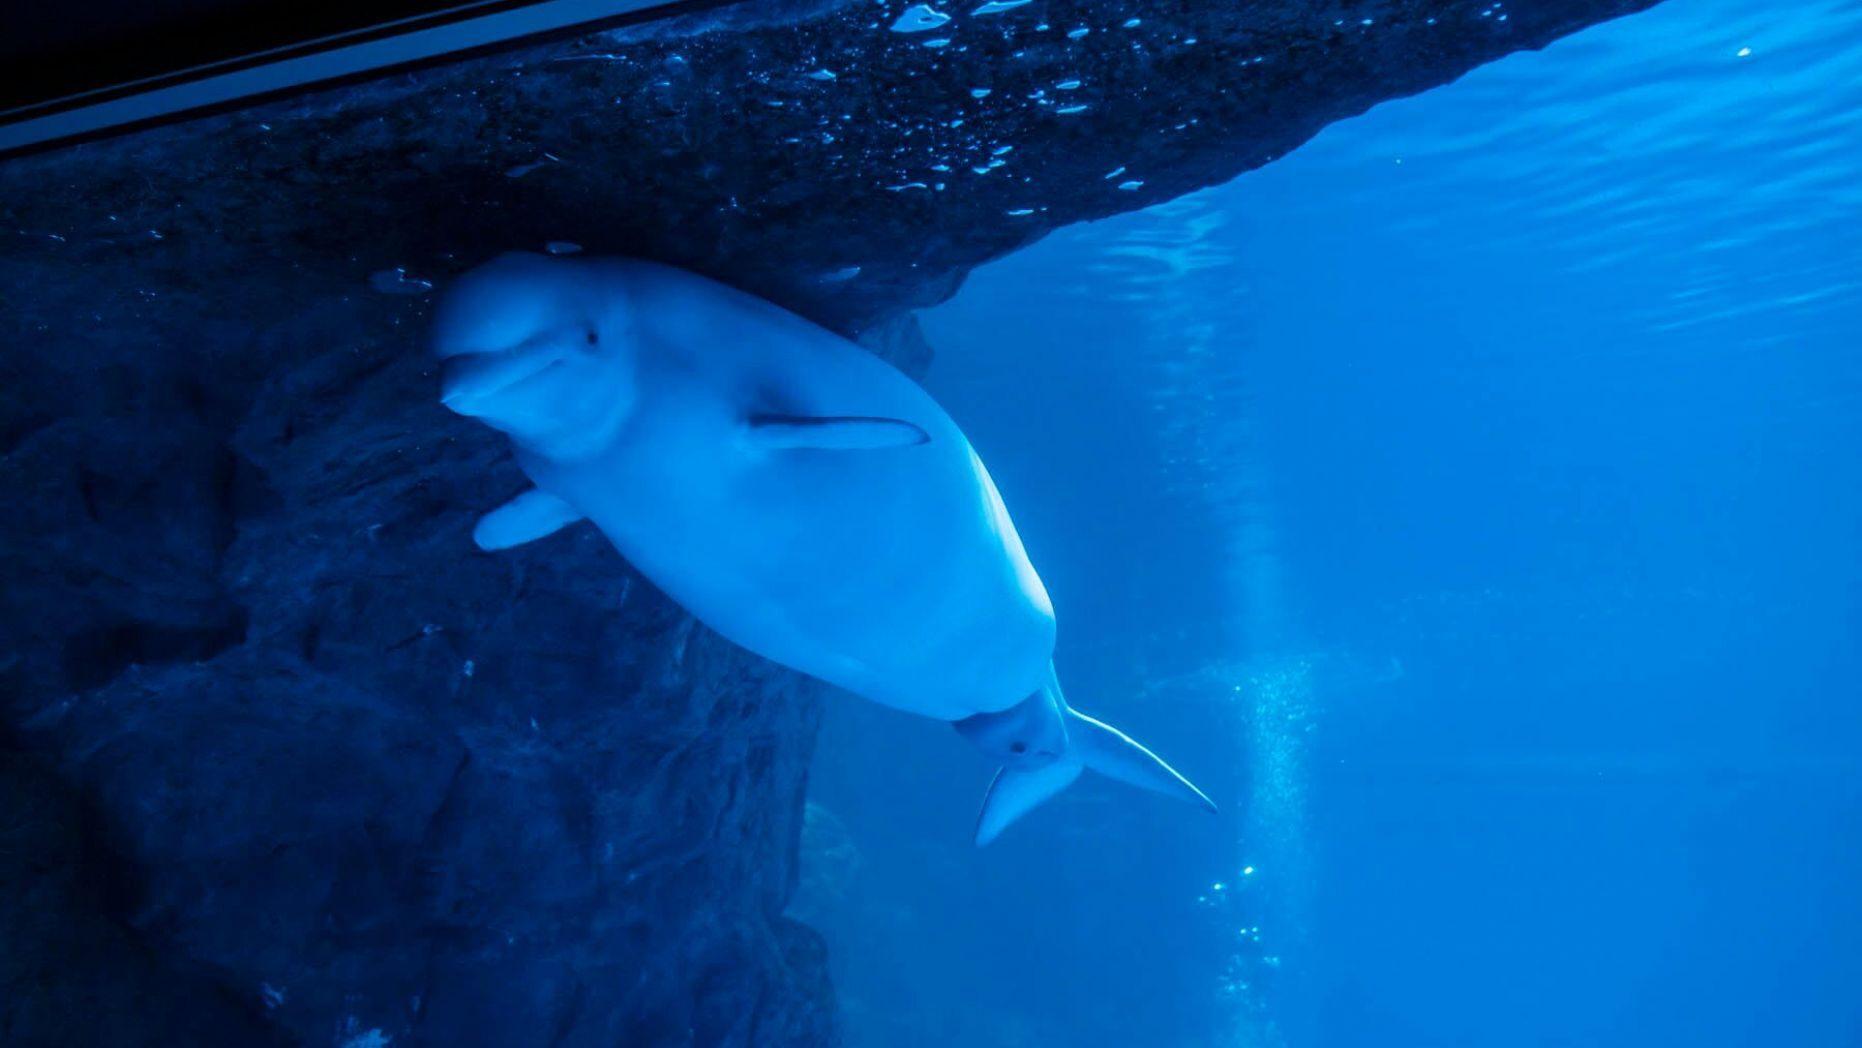 Video cận cảnh quá trình cá voi trắng sinh con trong thủy cung gây bão